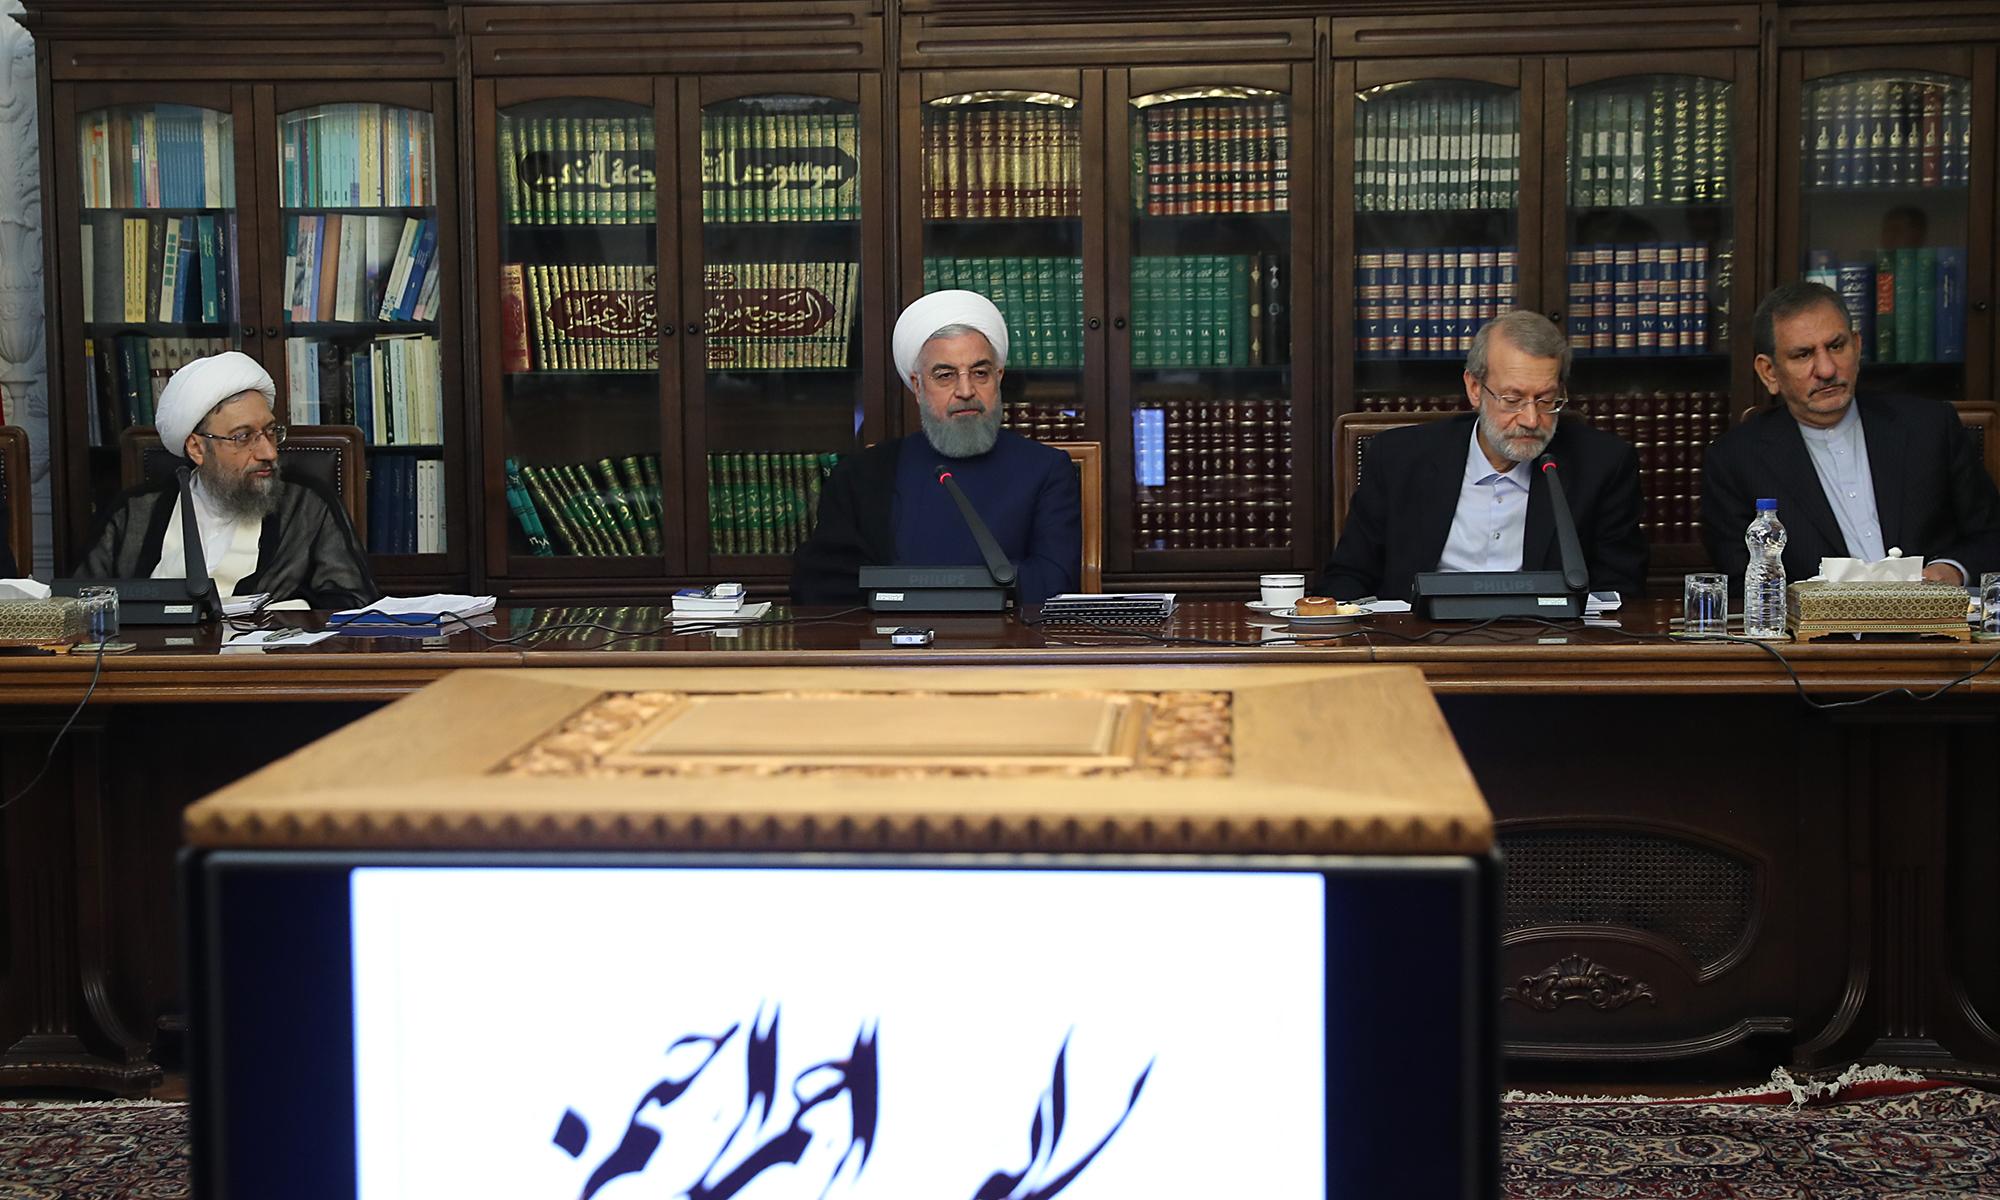 بررسی سناریوهای مختلف اقدامات تهدیدآمیز علیه اقتصاد ایران از سوی دولت آمریکا